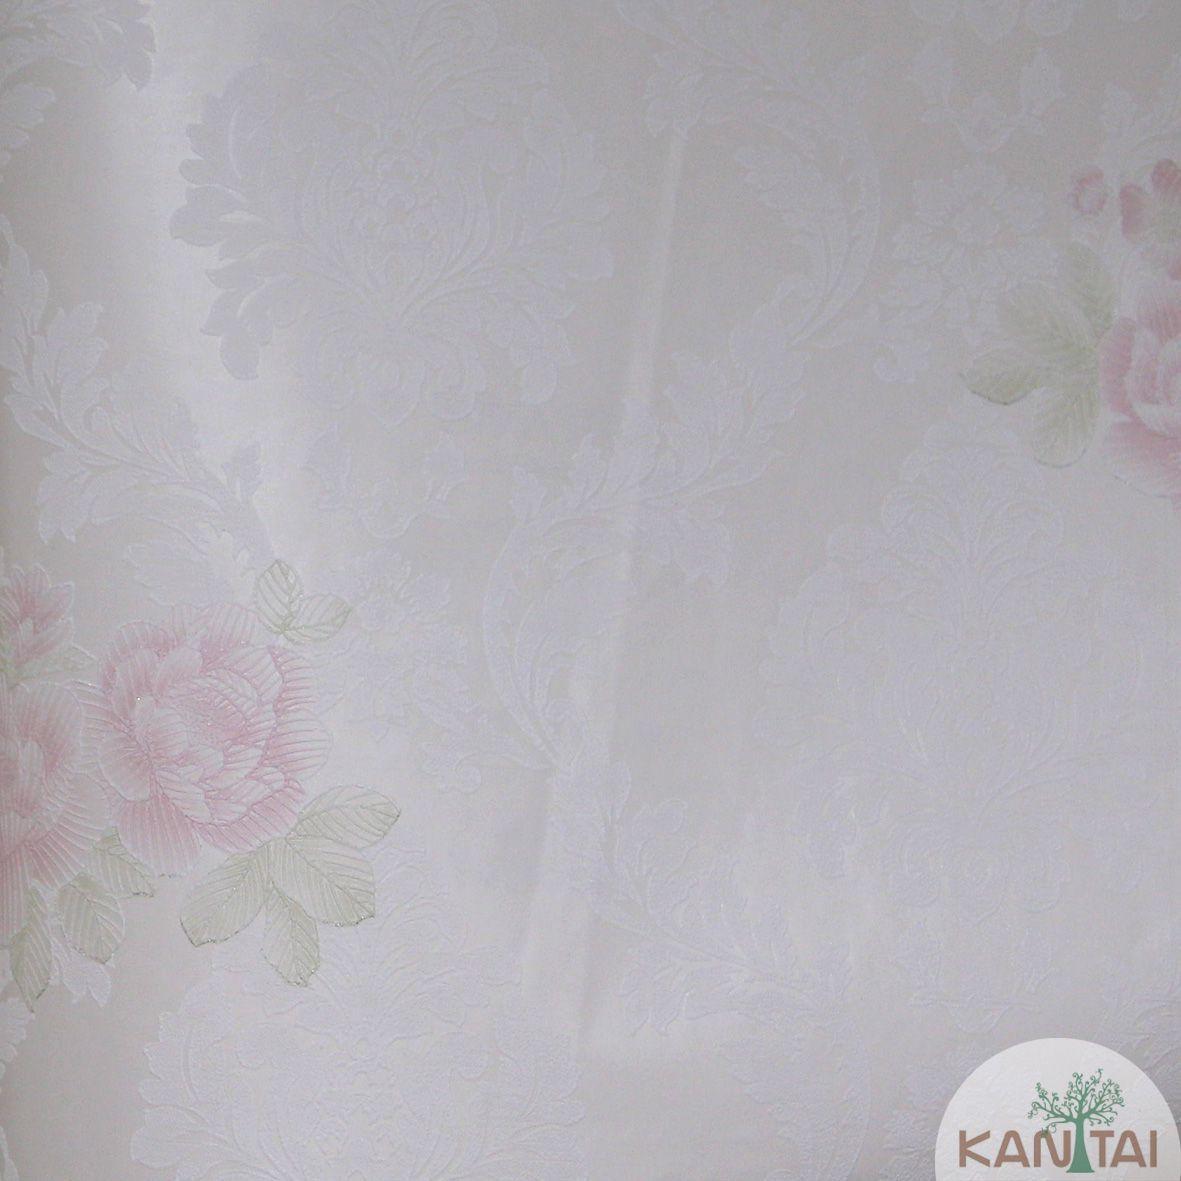 Papel de Parede Importado Kantai TNT Coleção Grace Floral Arabesco Bege claro, Off white, Vermelho, Verde, Baixo relevo